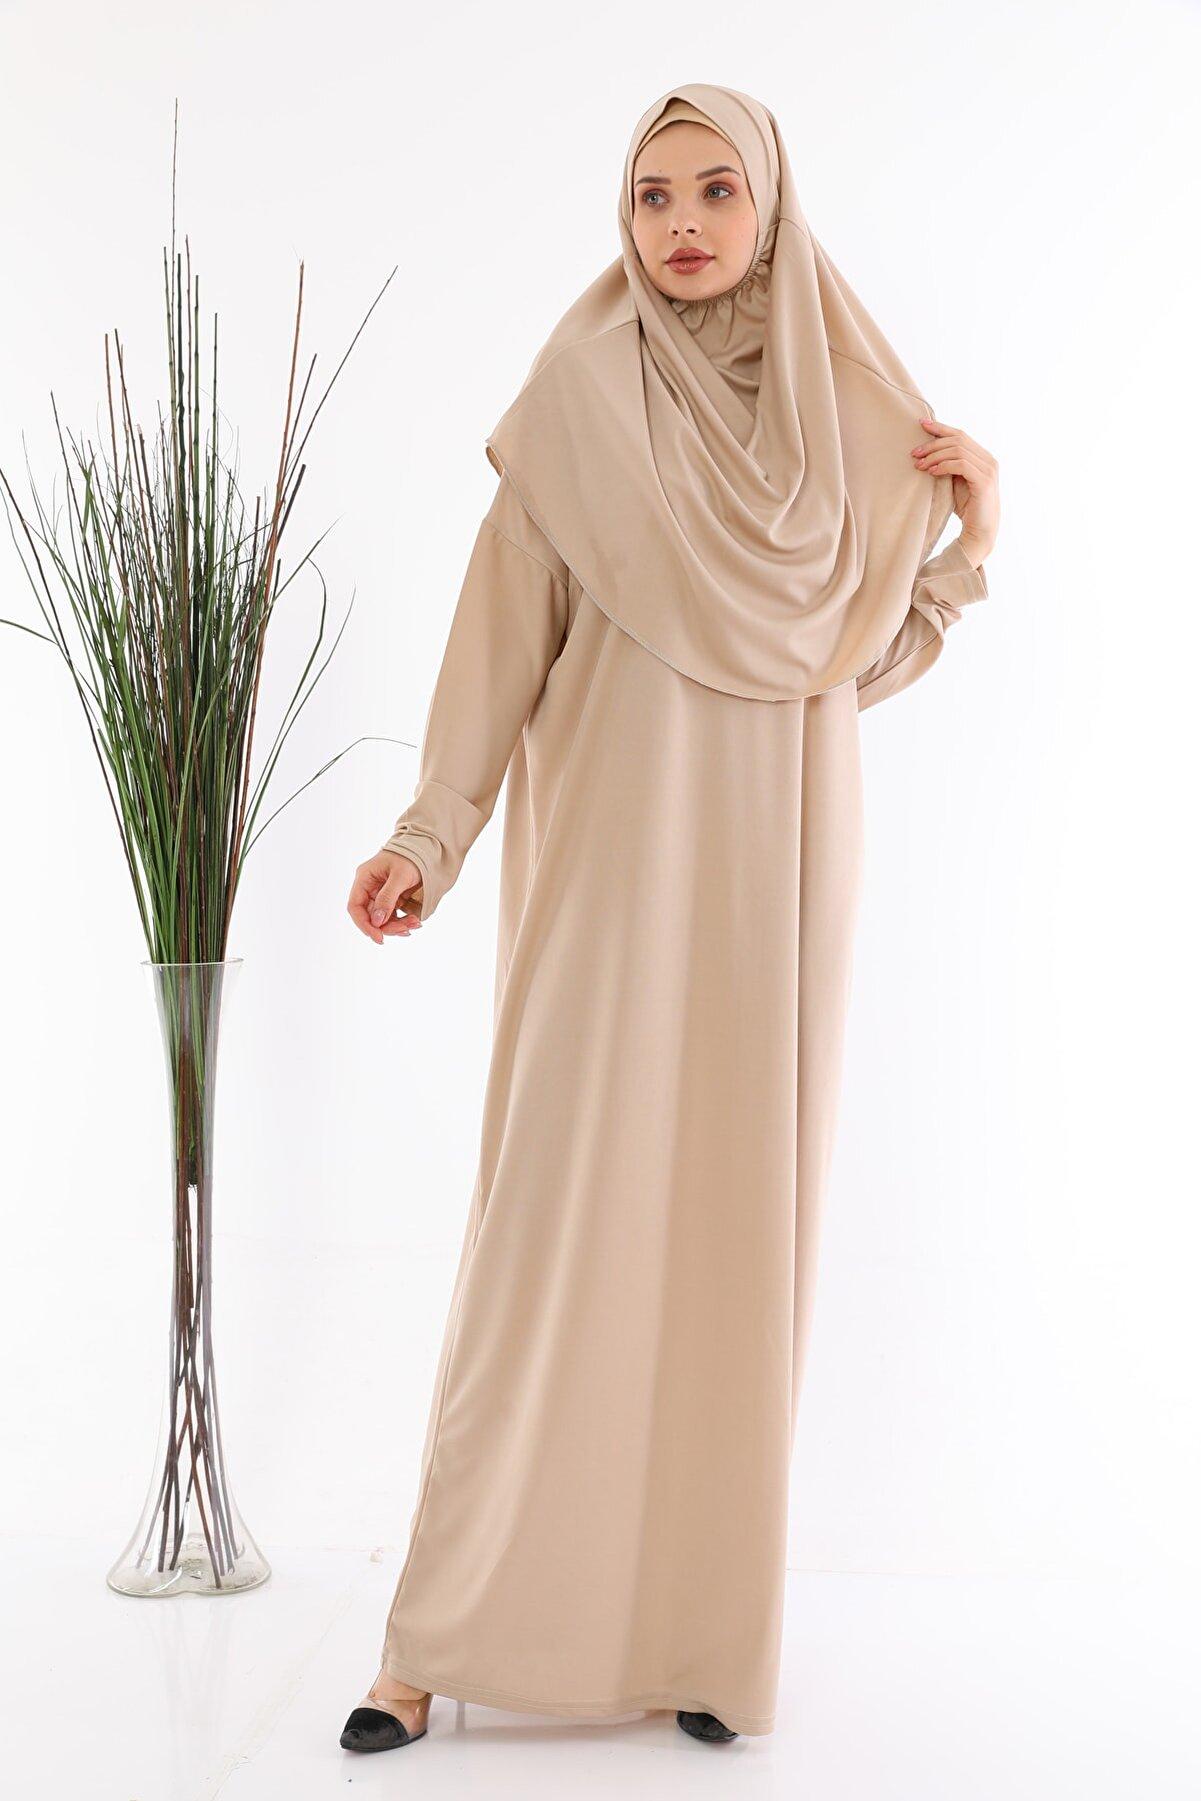 medipek Kadın Kolay Giyilebilen Tek Parça Elbisesi Vizon Büyük Beden